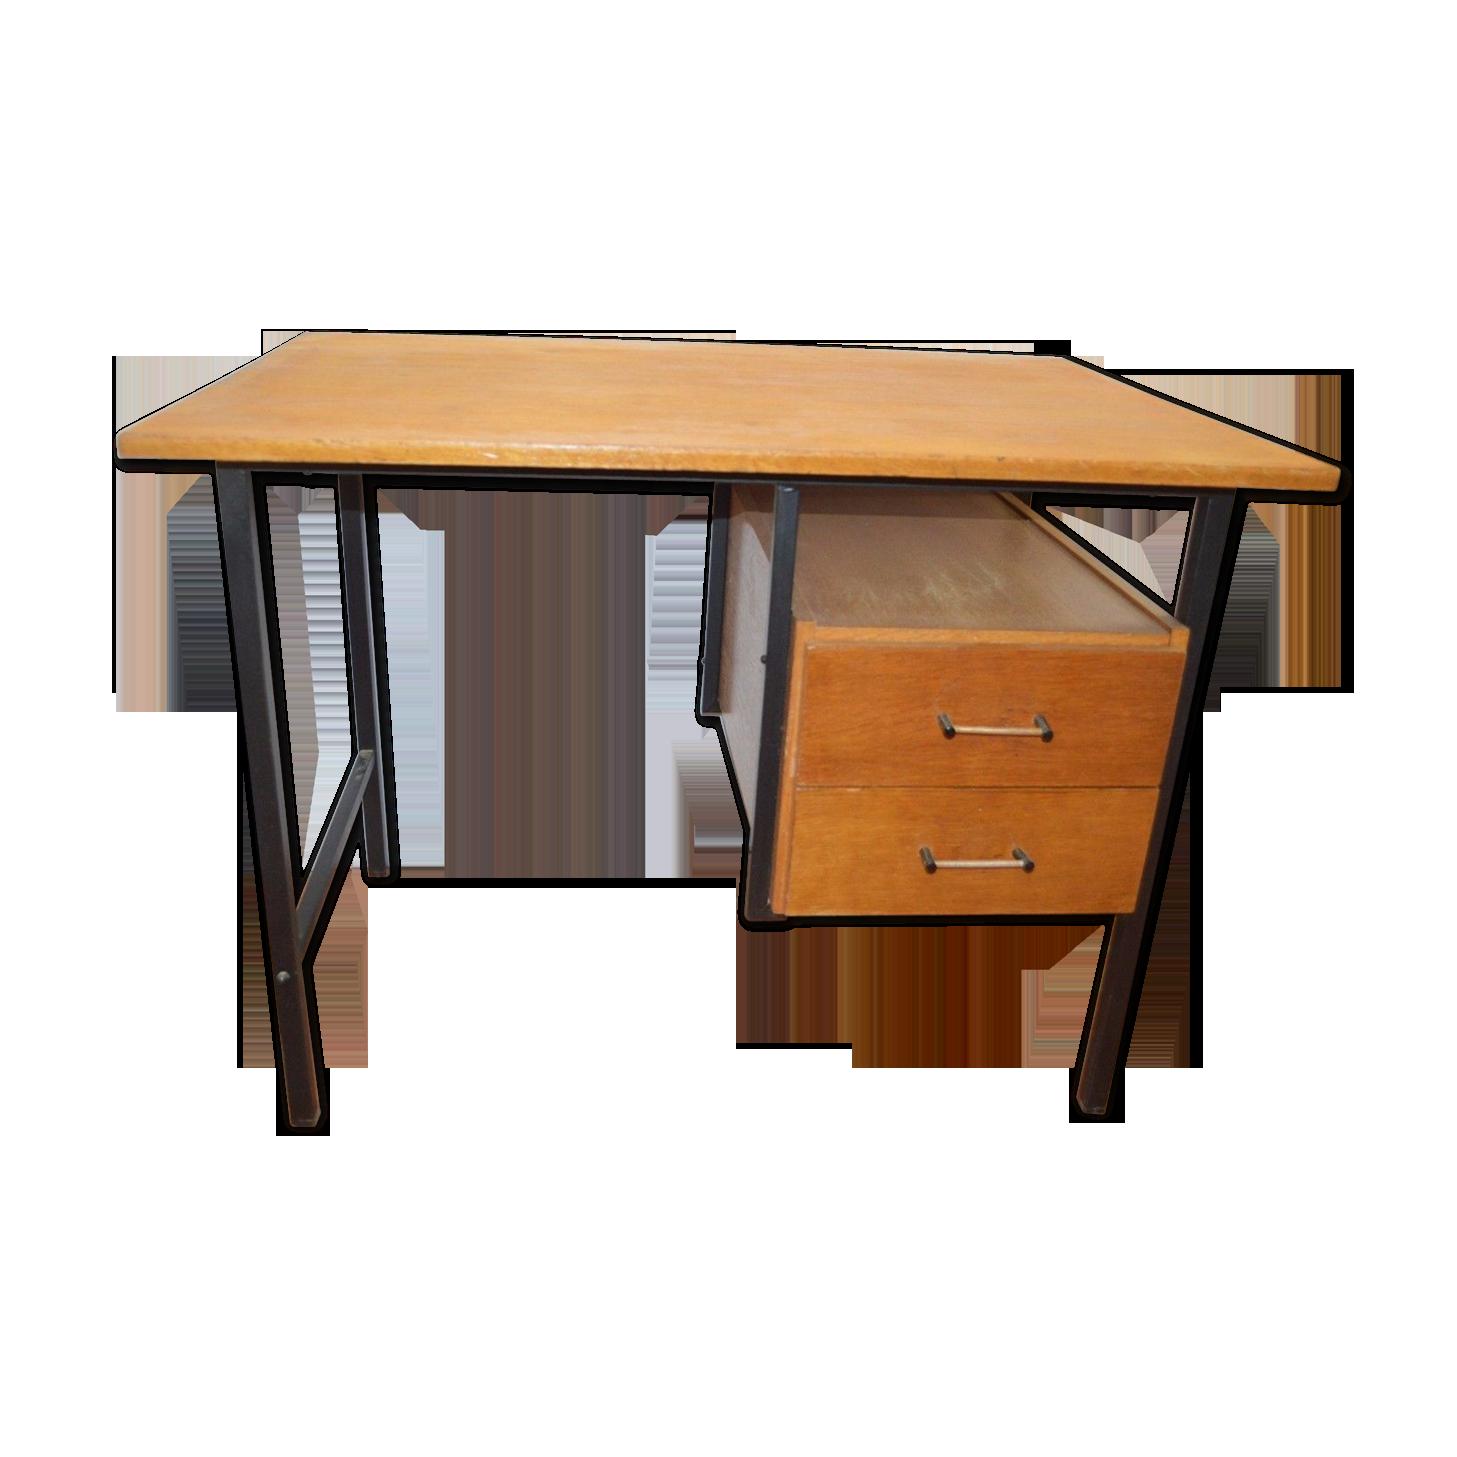 Bureau vintage en fer et bois bois matériau bois couleur